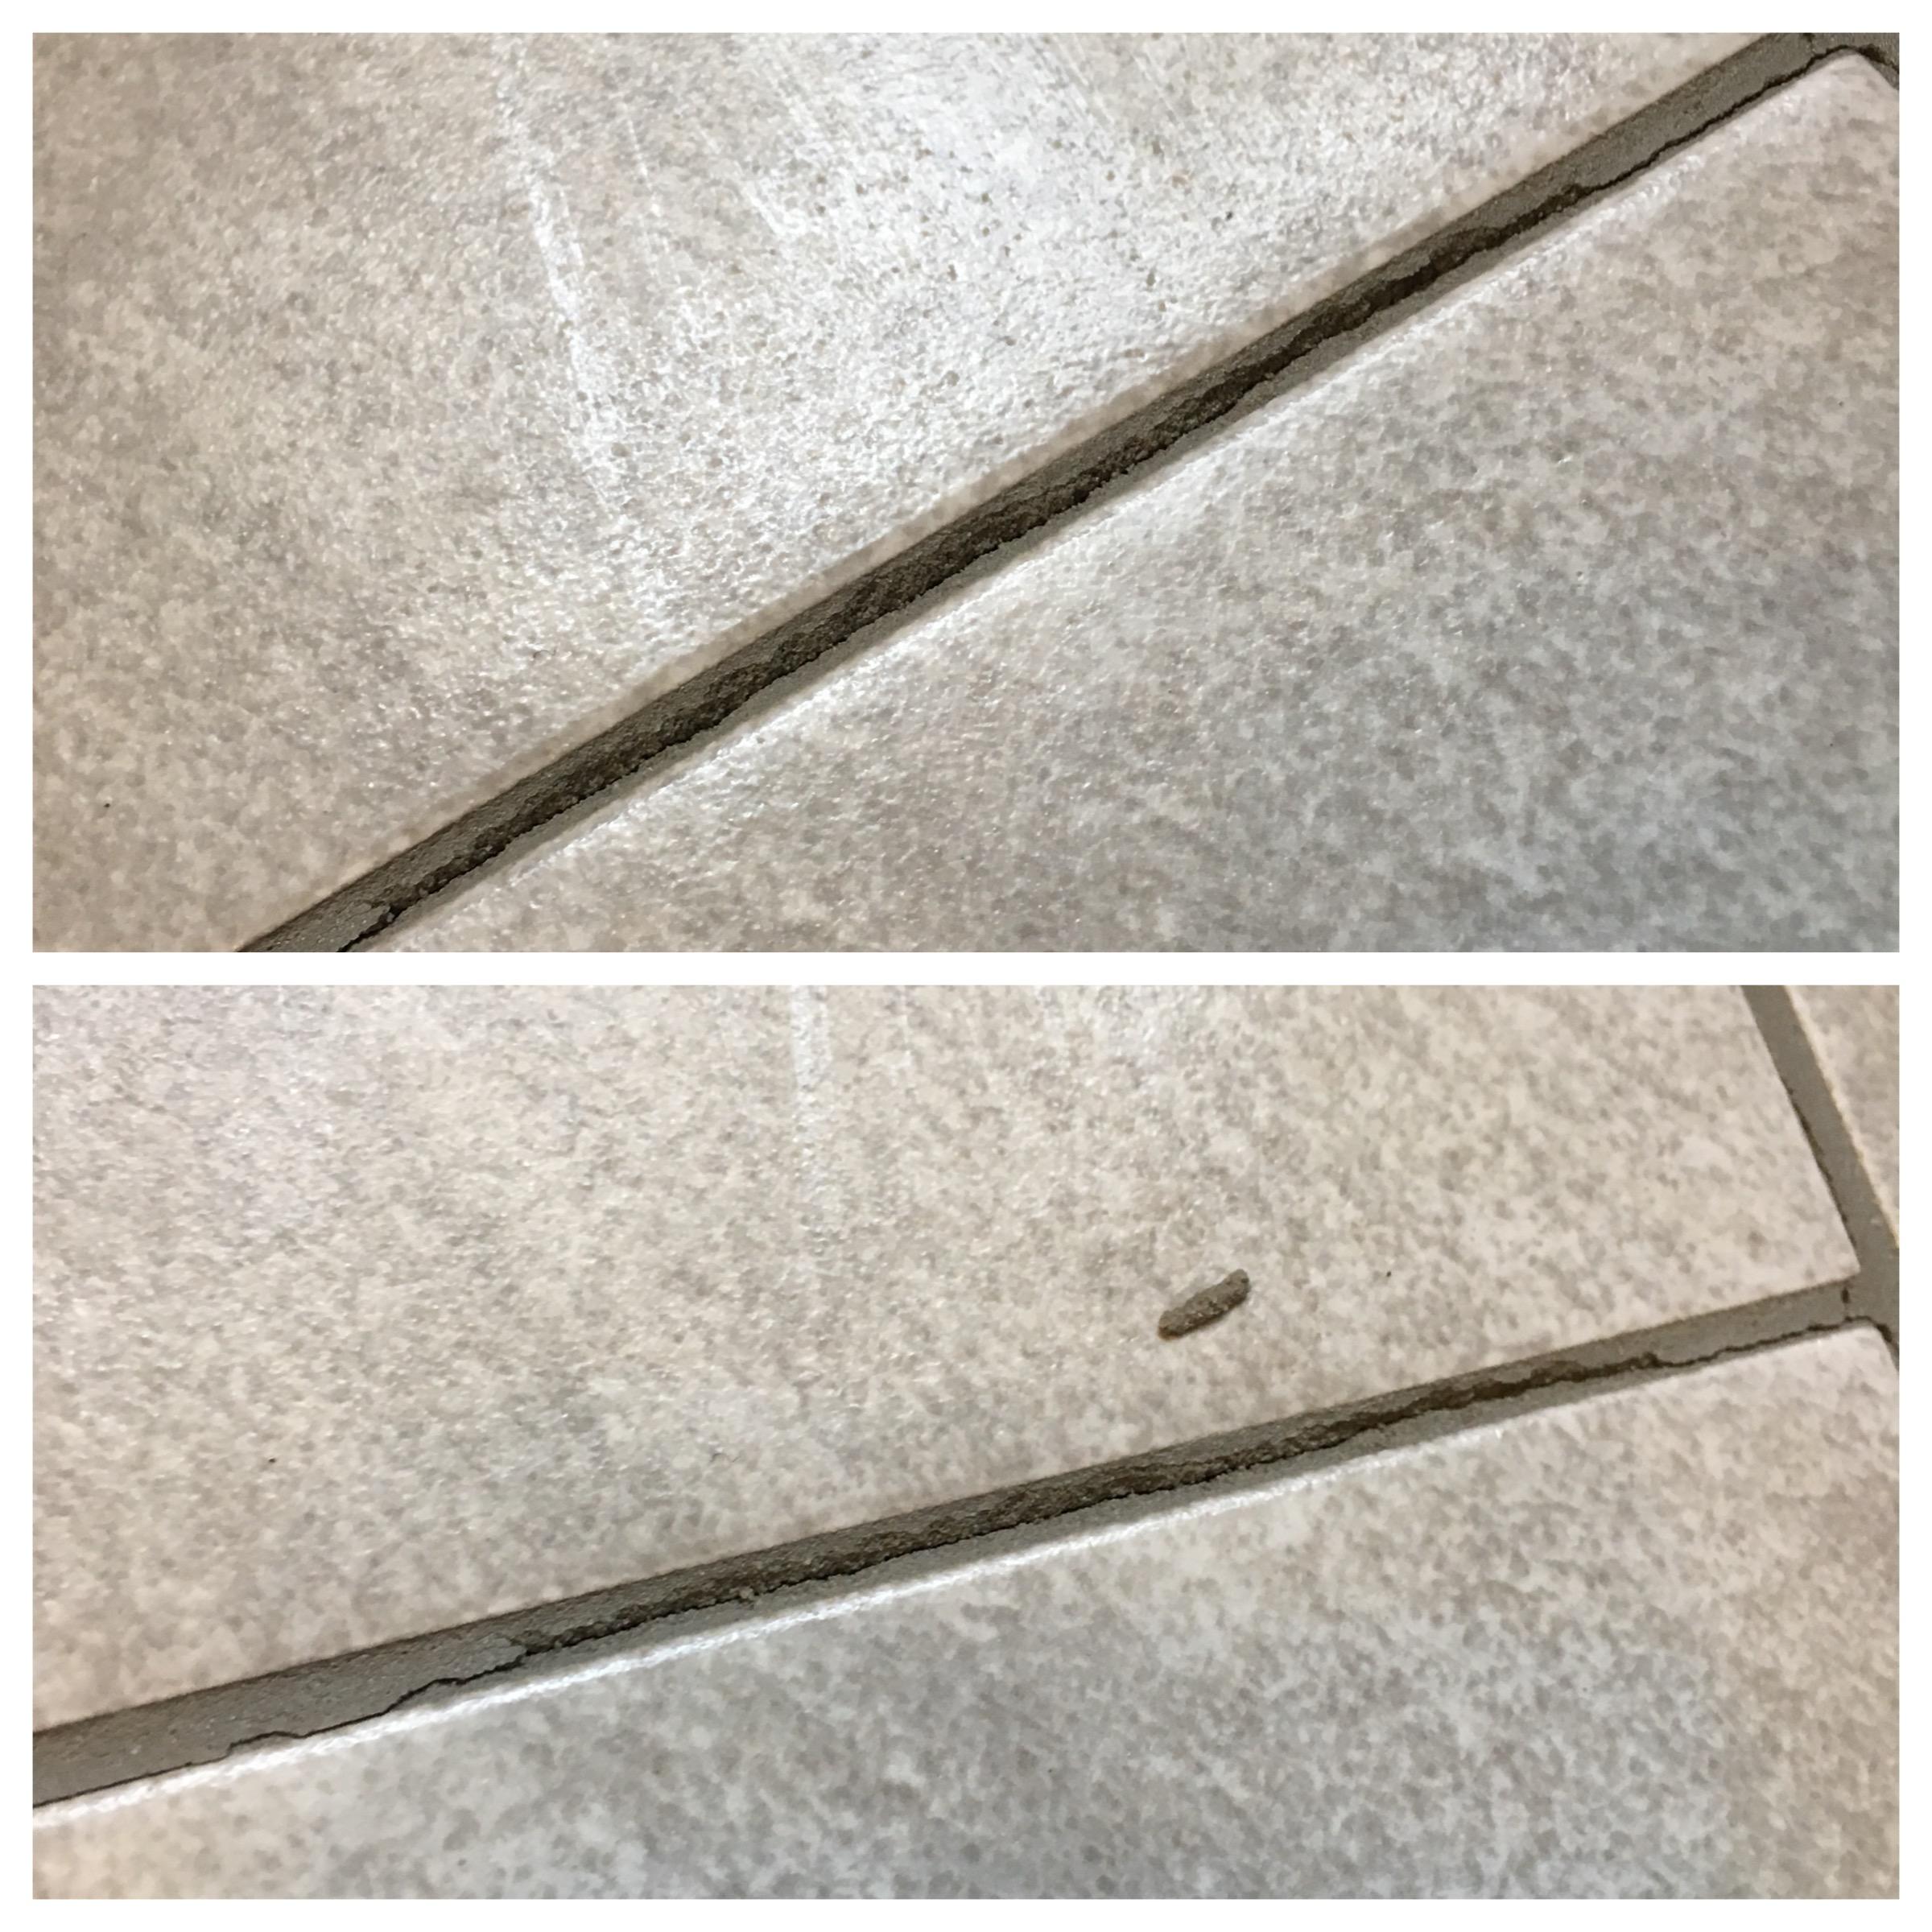 Floor tiles cracking